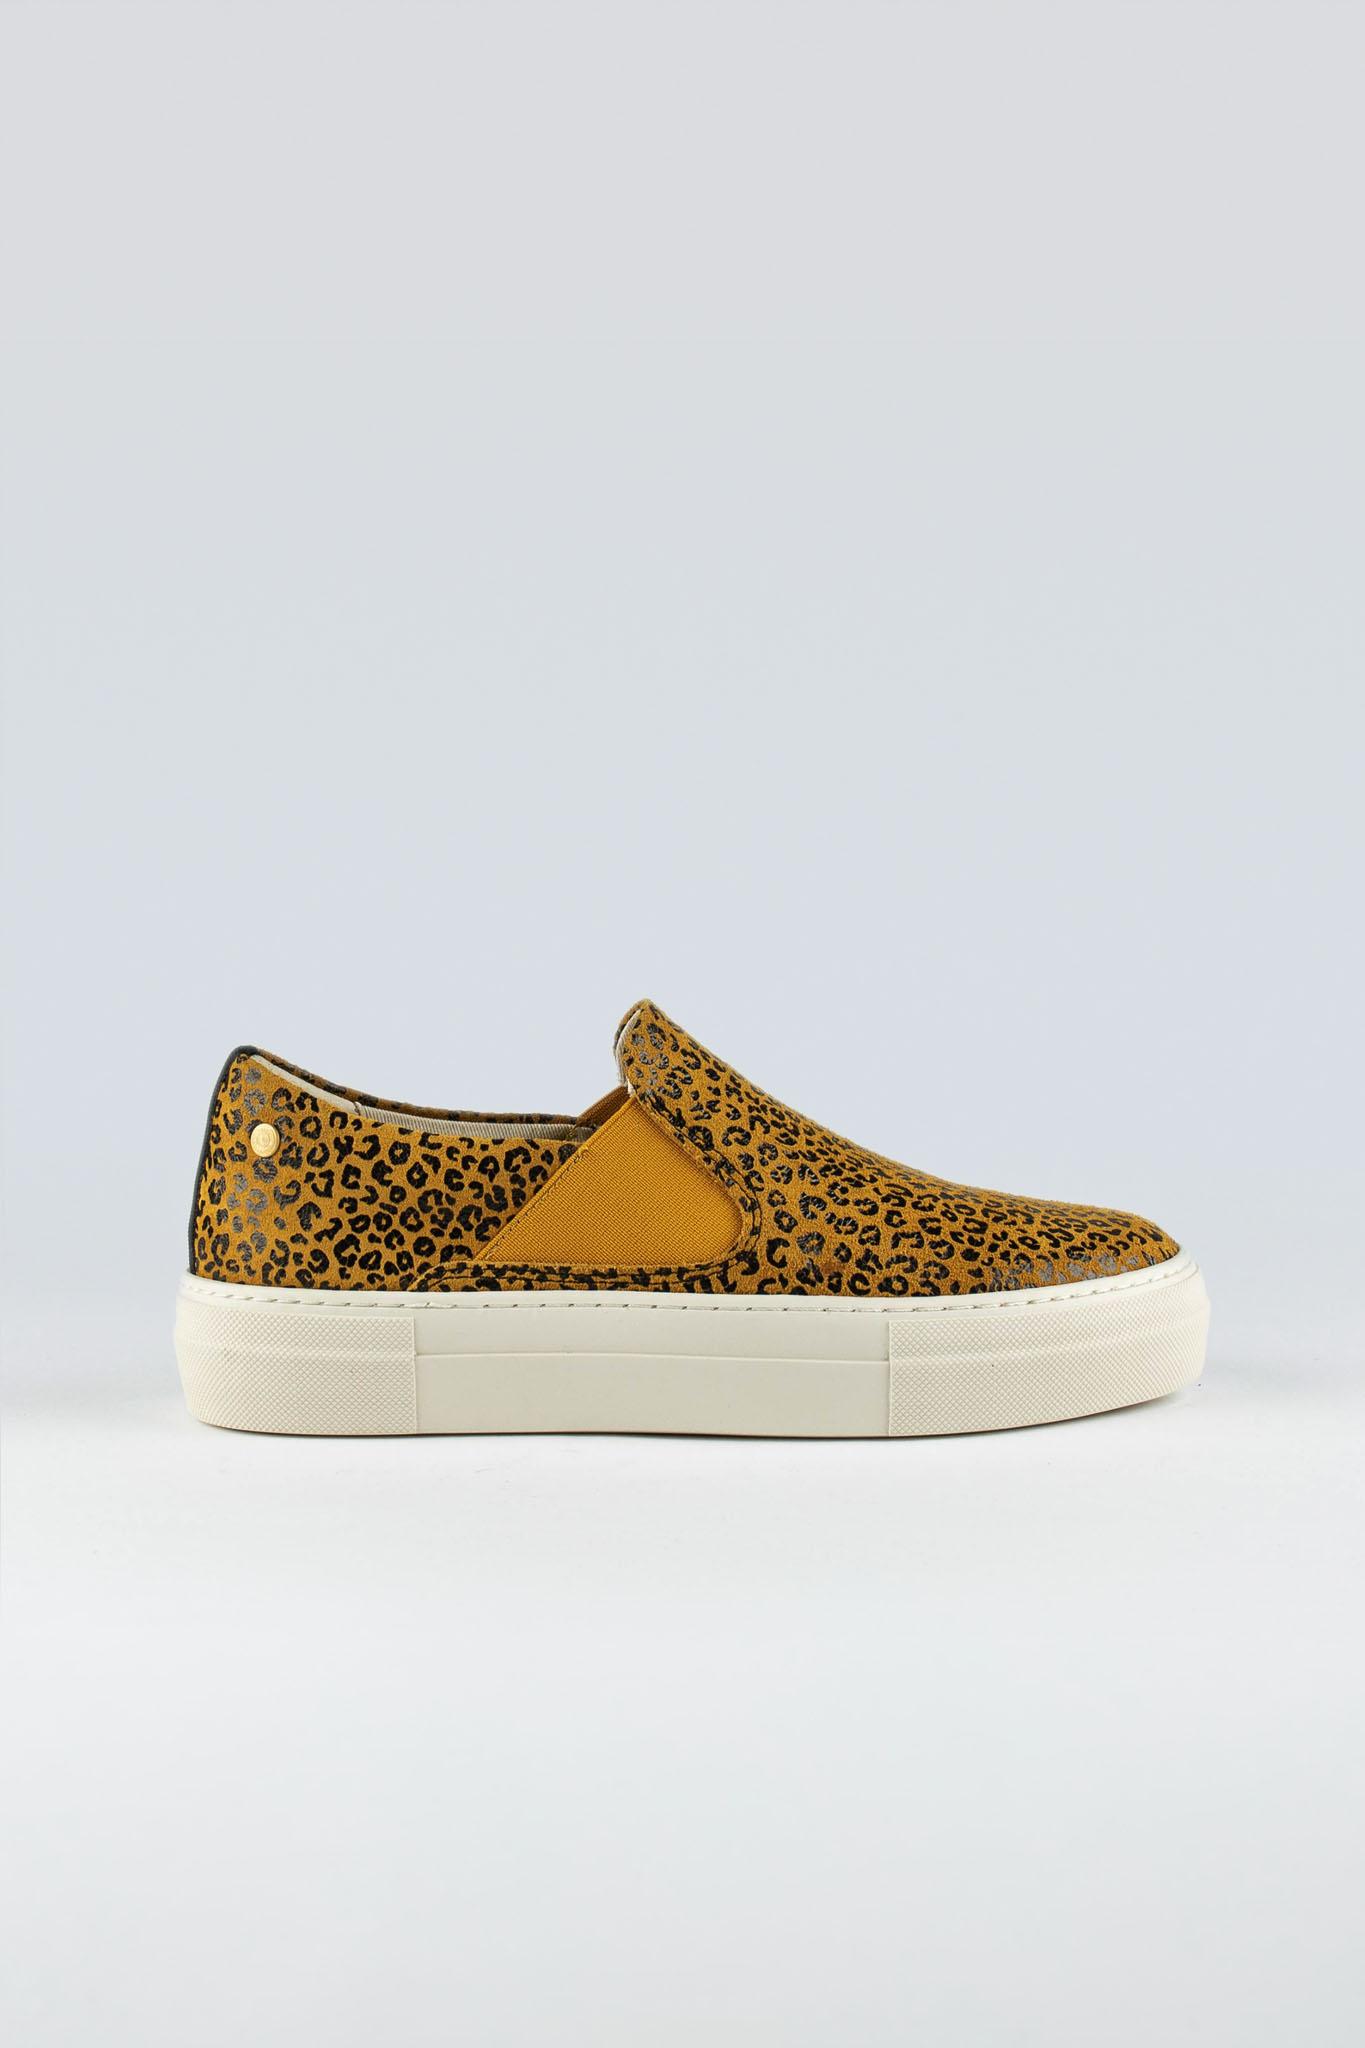 Hanger W Suede Yellow Mini Leopard